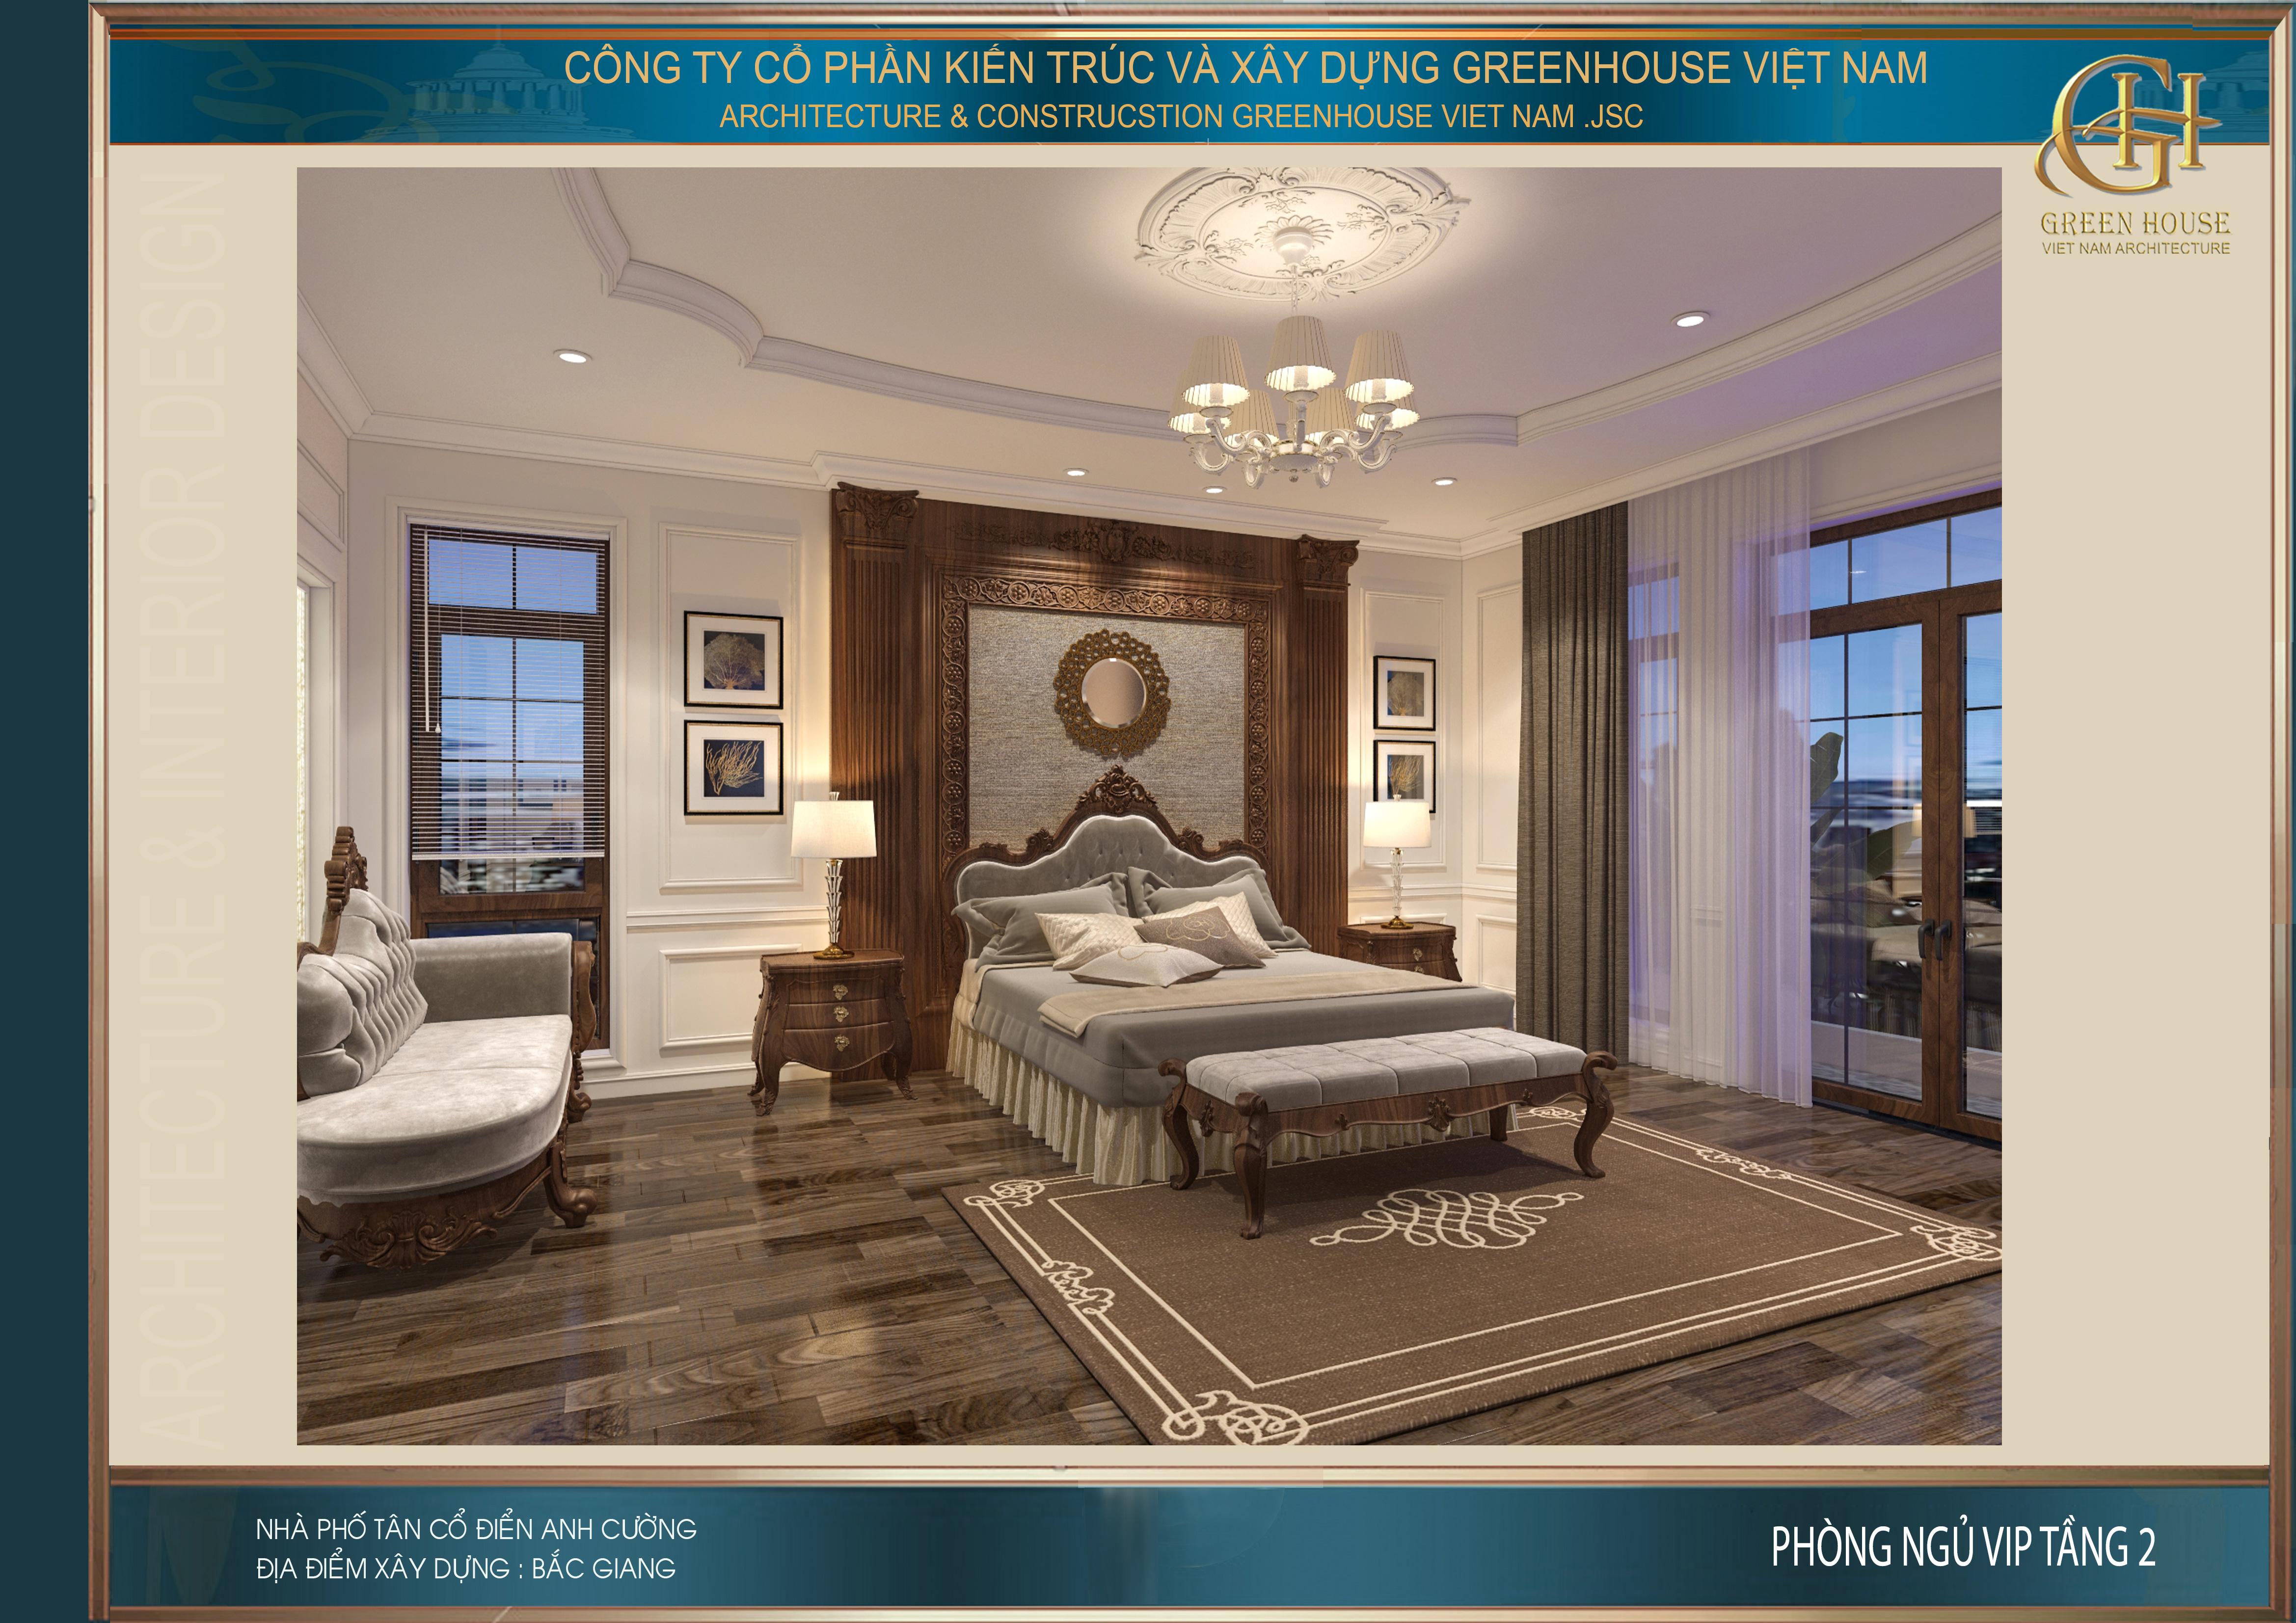 Phòng ngủ master tầng 2 rộng 34m2 nên có thể bố trí nhiều đồ nội thất cao cấp